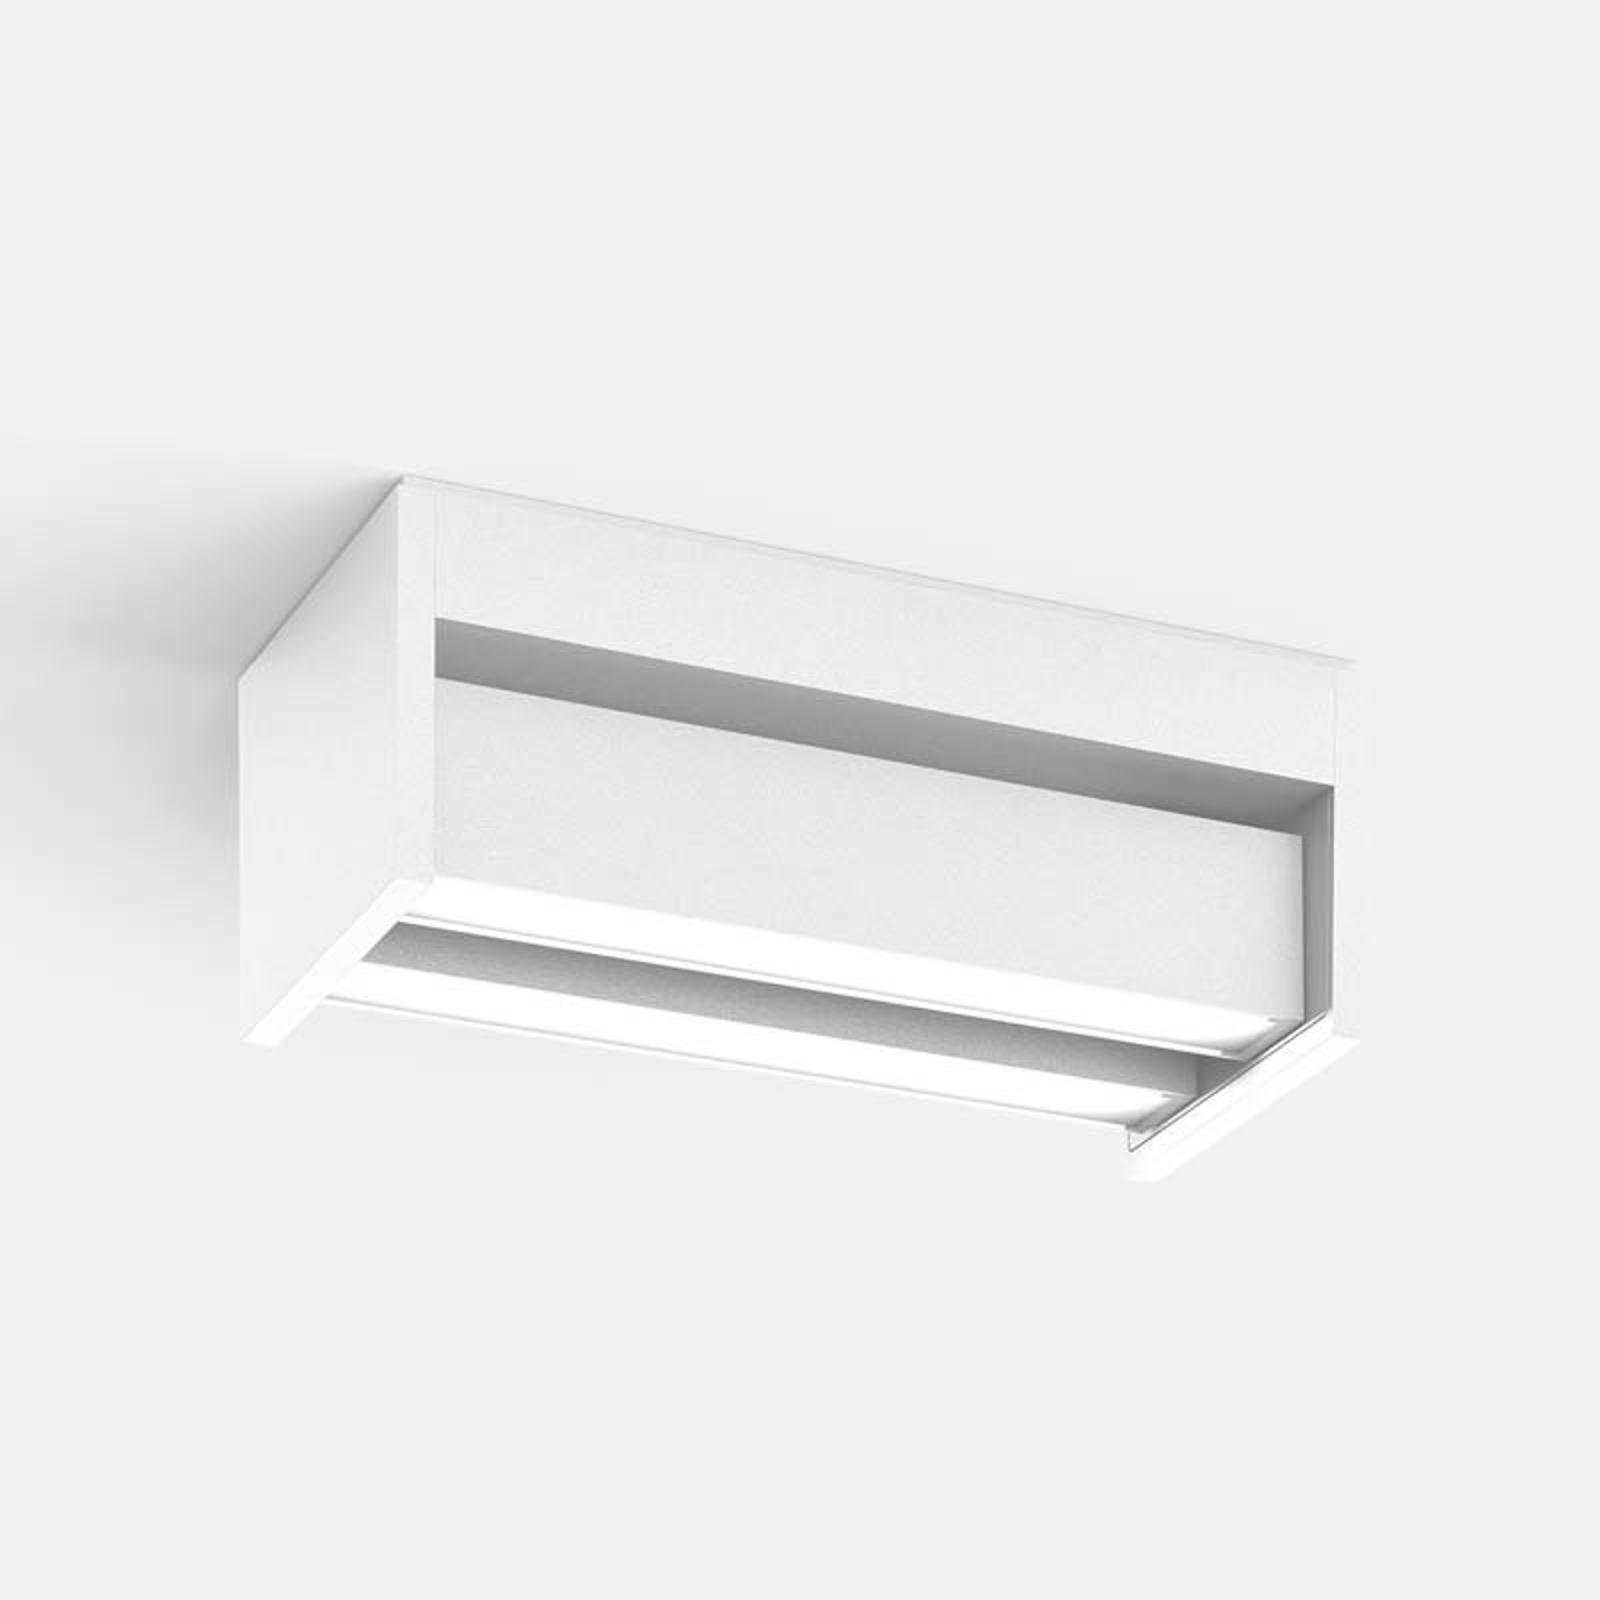 Produktové foto IP44.de IP44.de Slat LED venkovní nástěnné světlo bílé